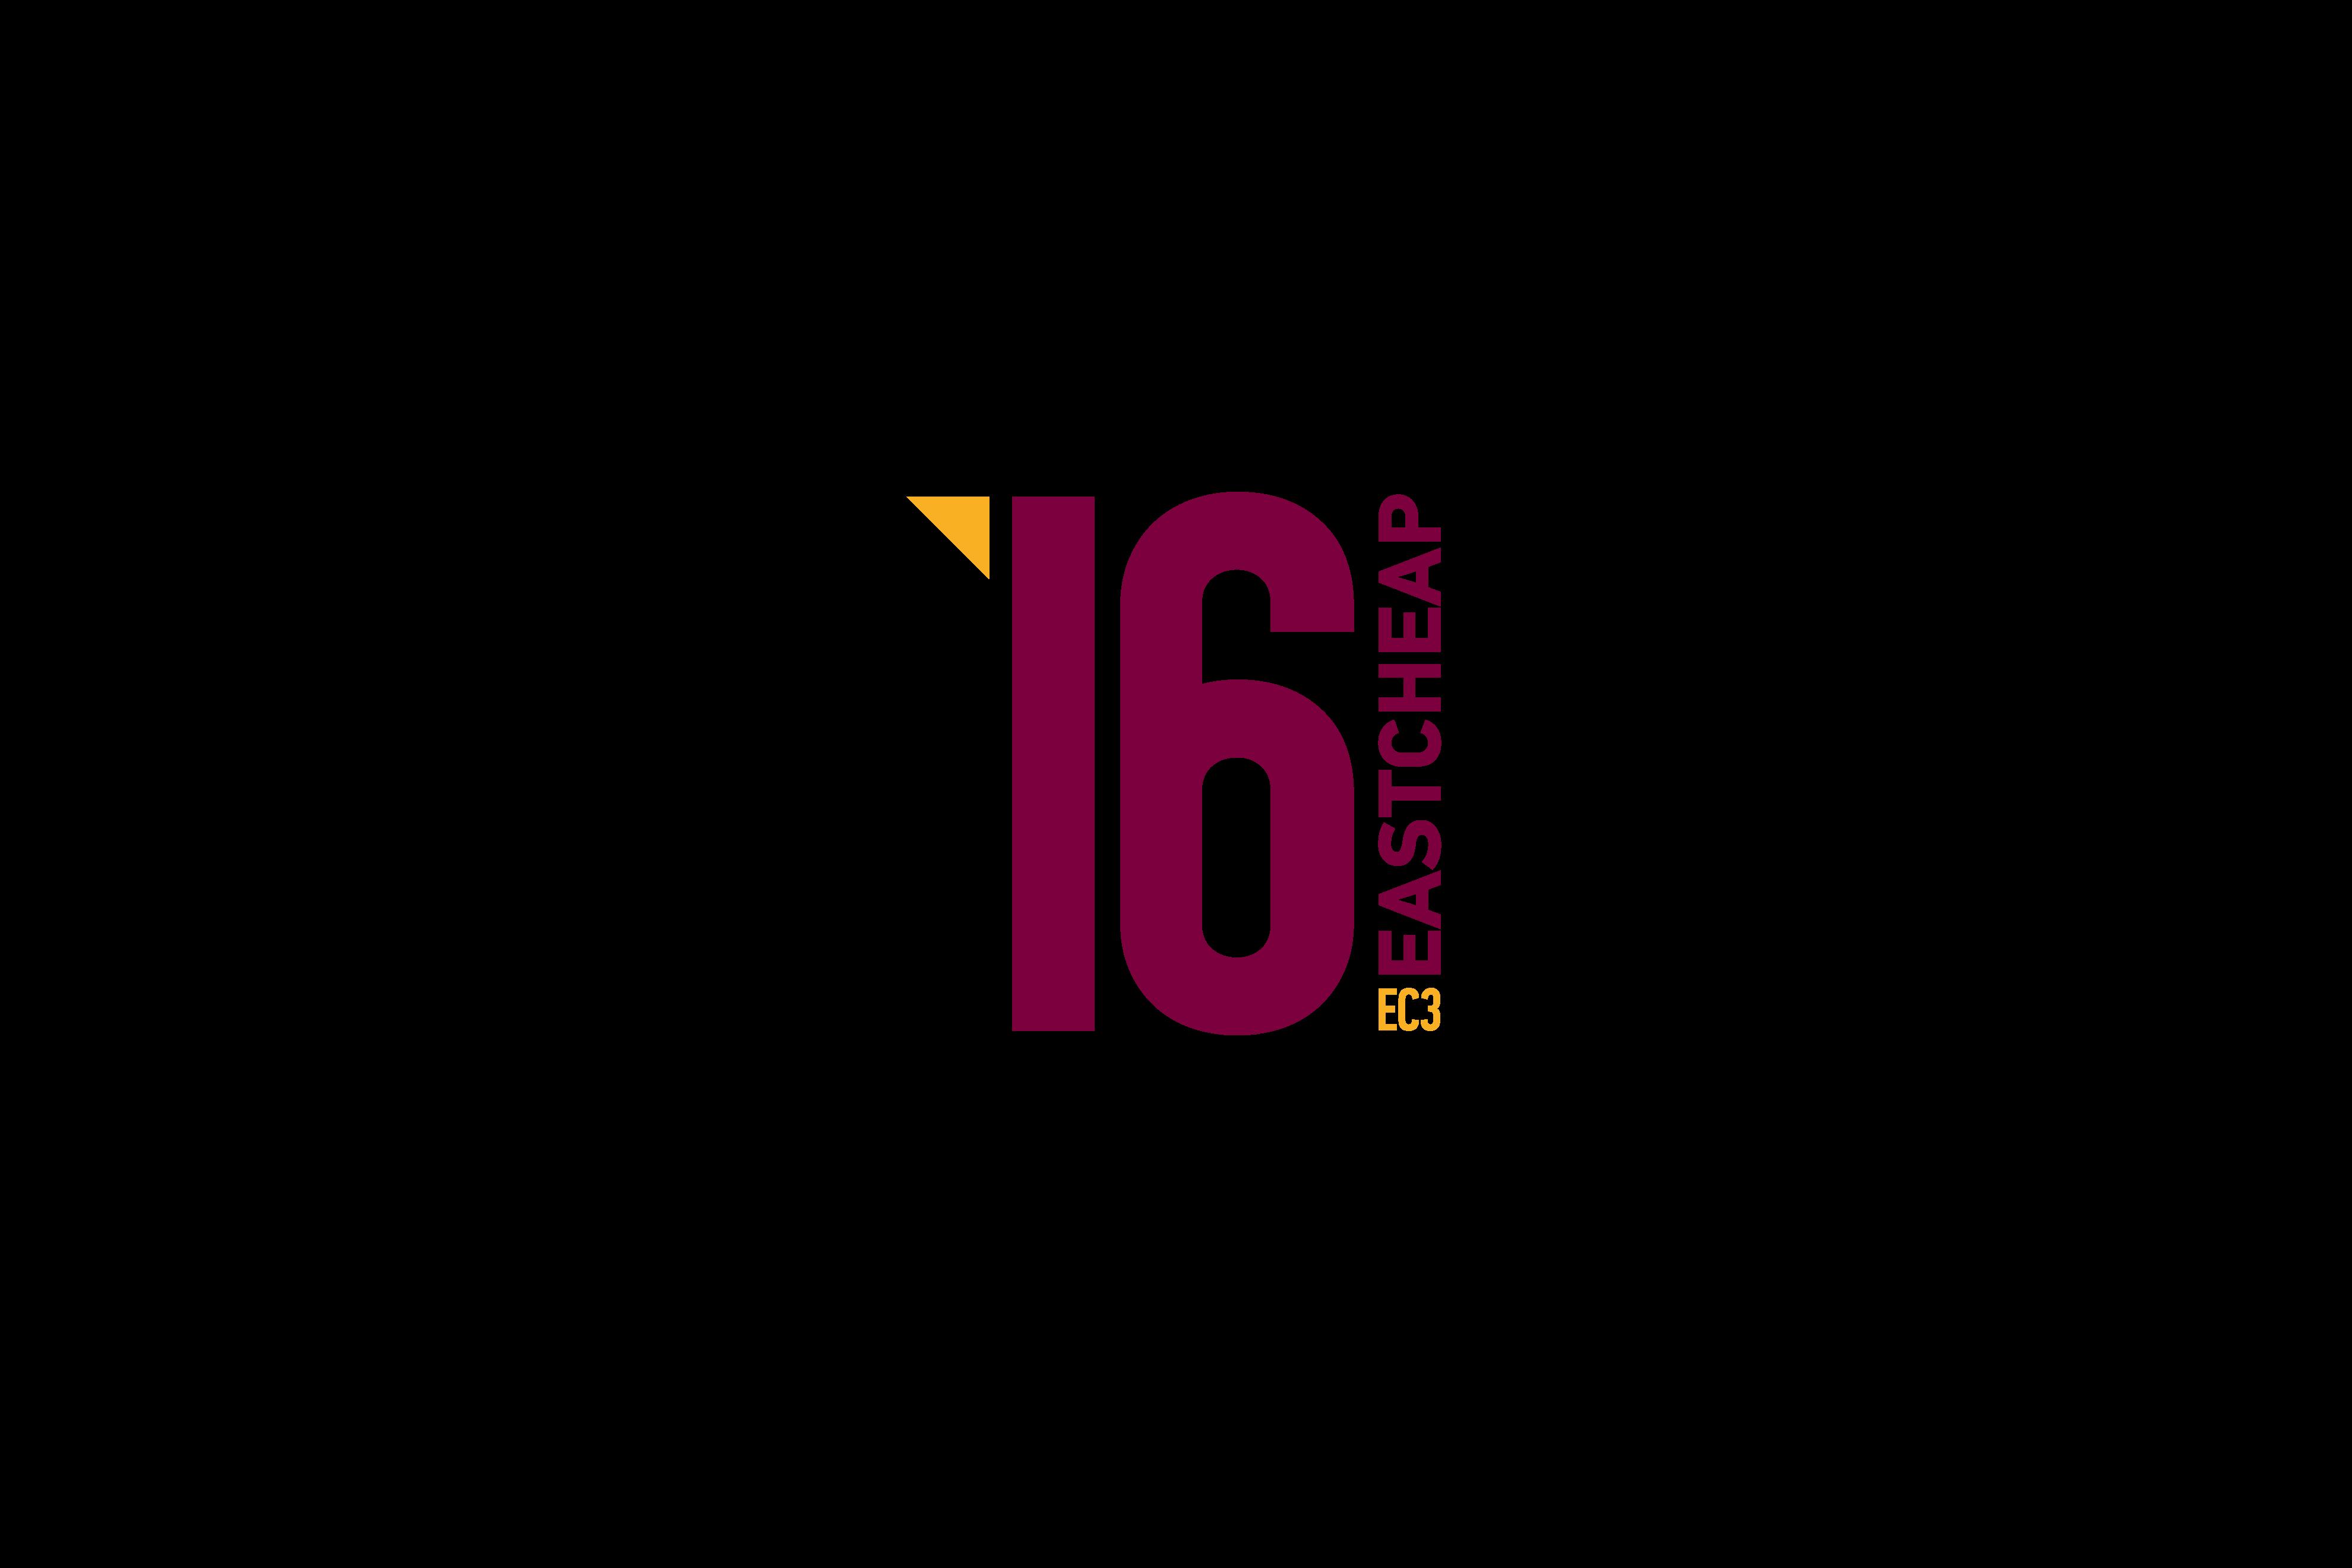 16 Eastcheap